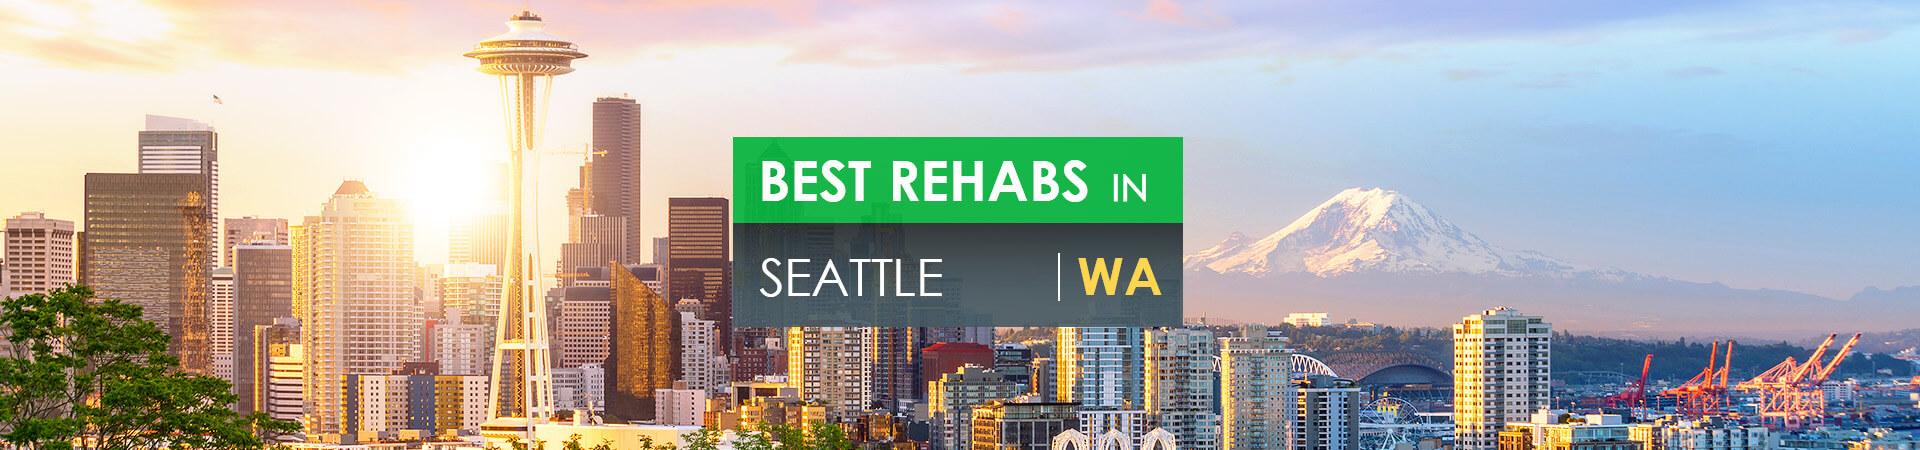 Best rehabs in Seattle, WA